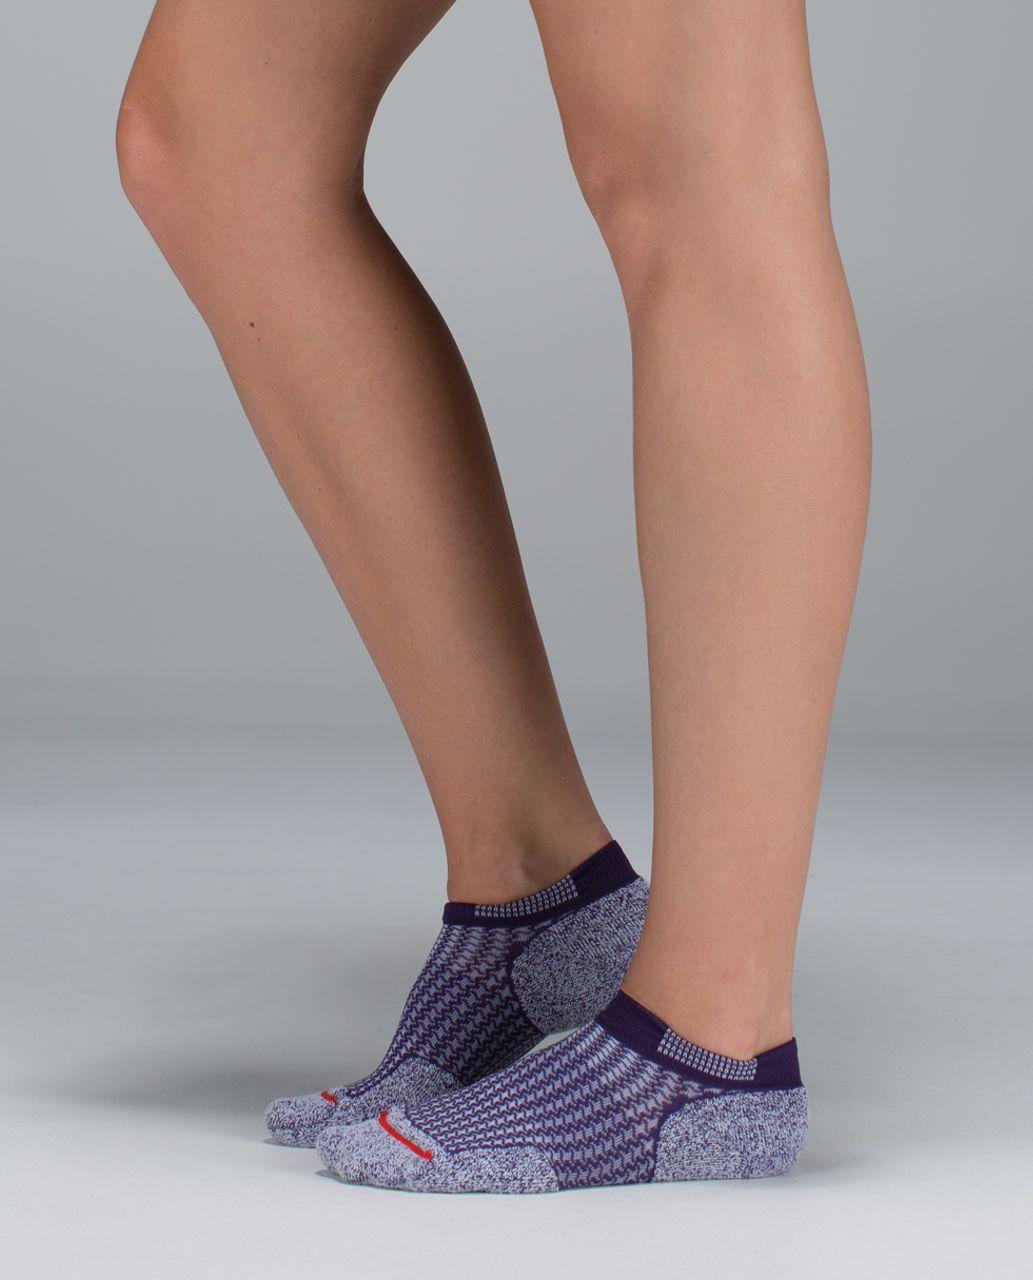 Lululemon Women's Ultimate Padded Run Sock - Houndstooth Going Grape